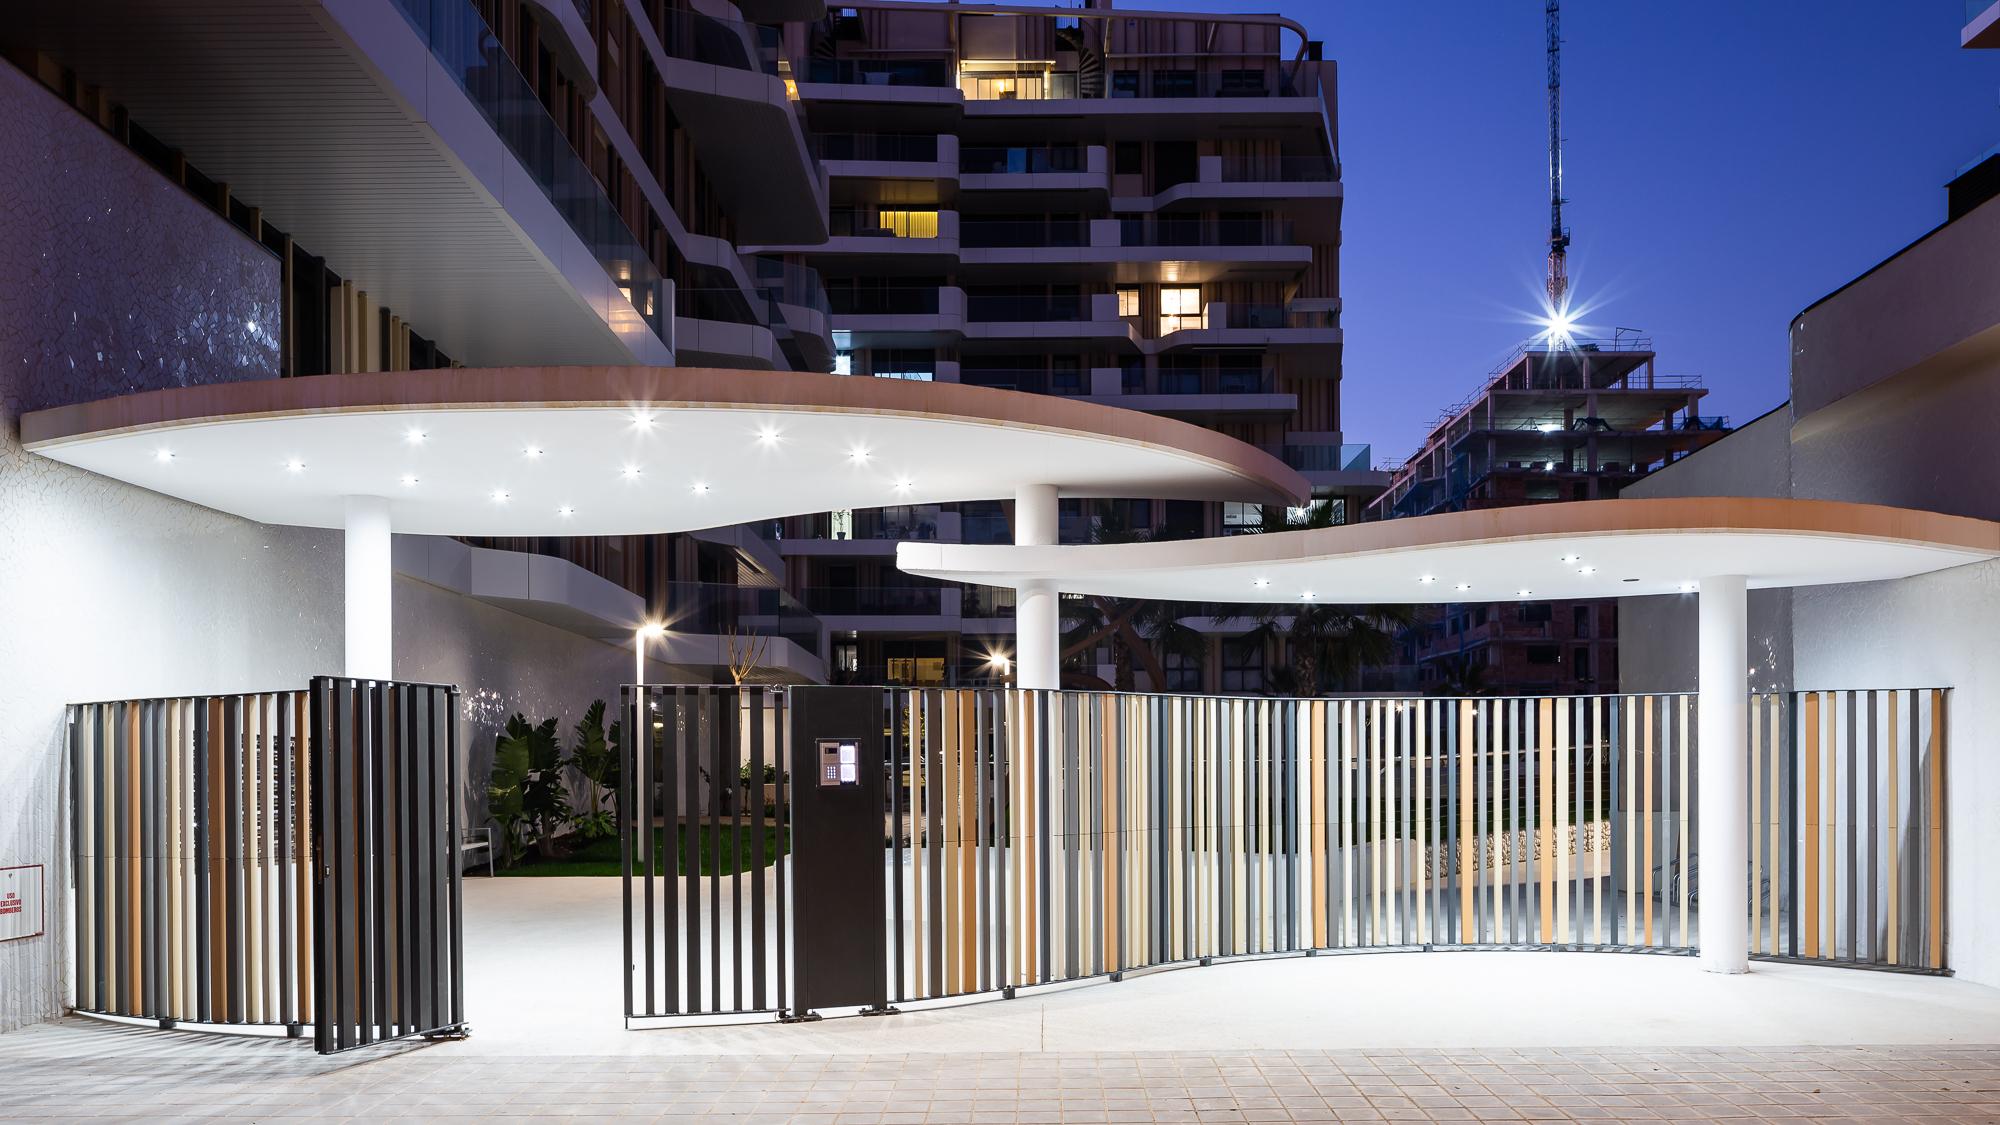 Entrada del residencial Nature en forma curvilínea con lamas cerámicas, iluminación y videoportero.